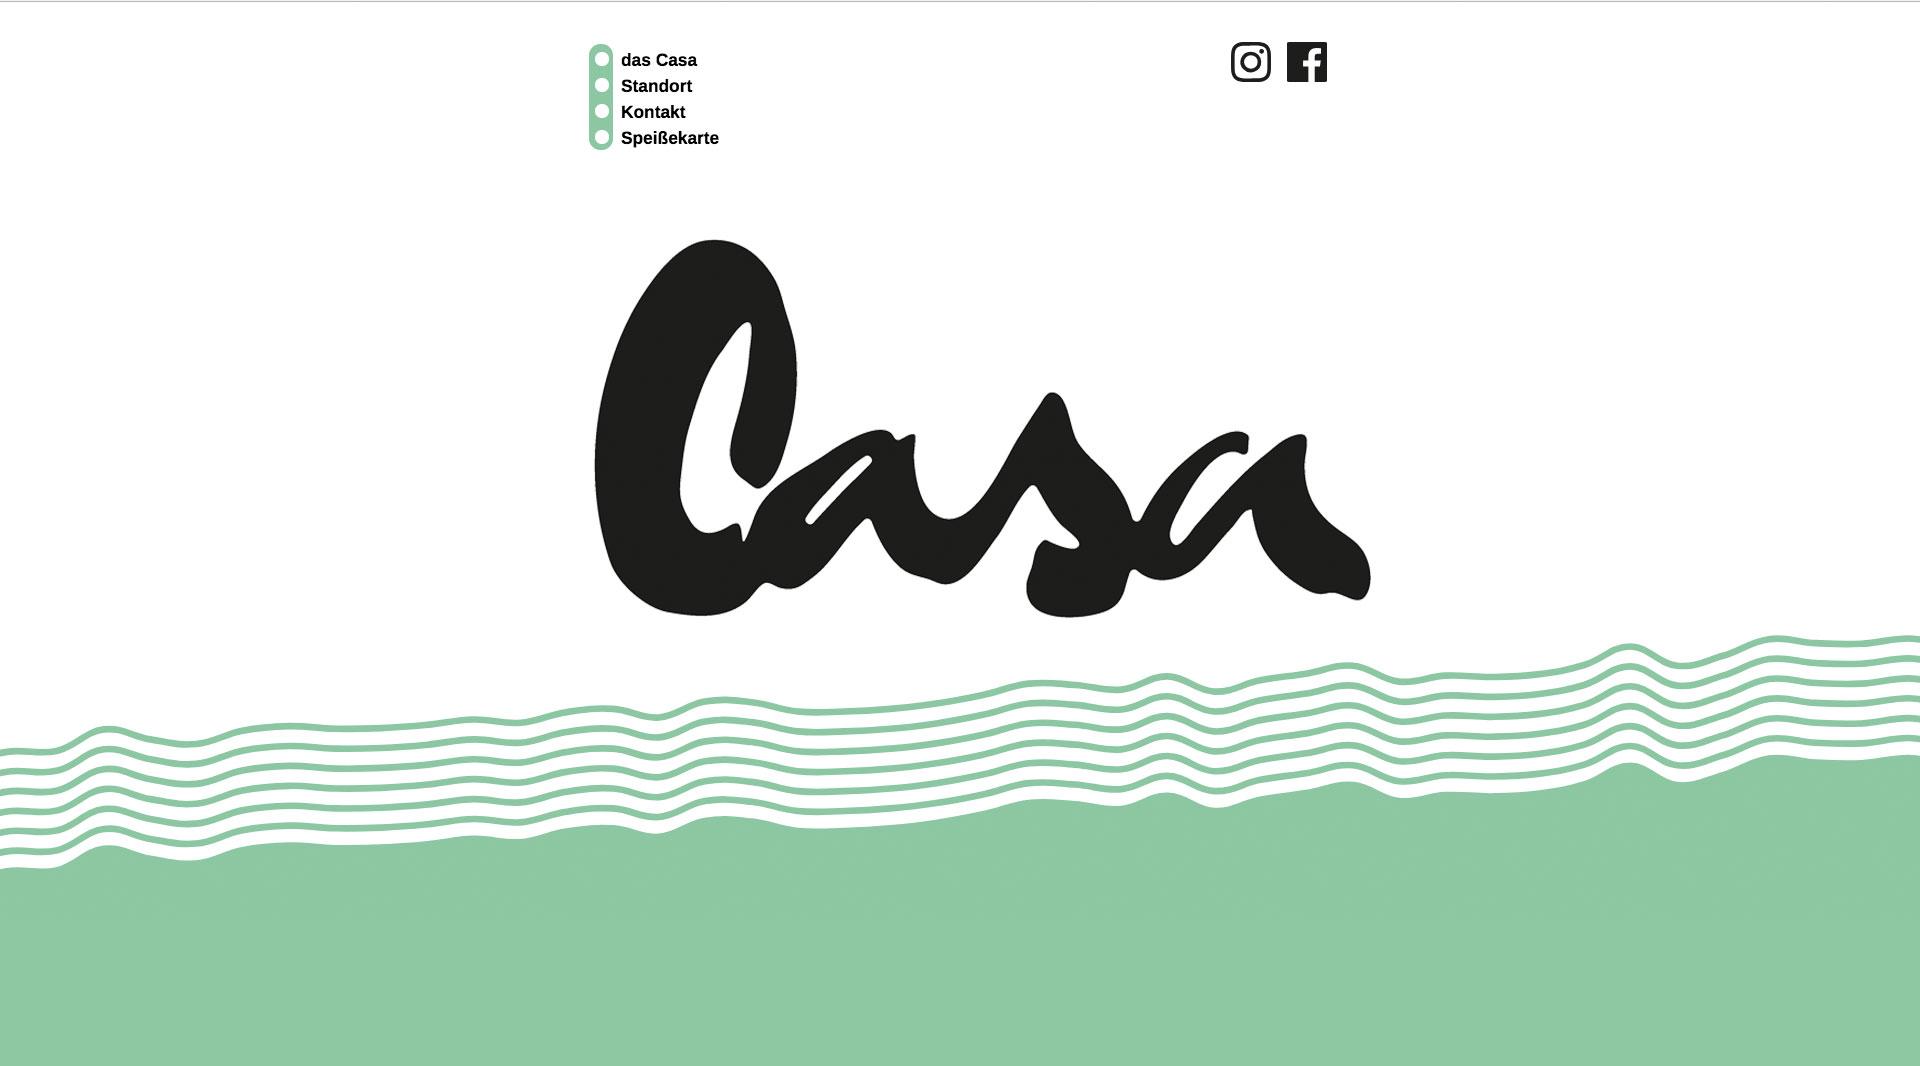 Webdesign Eiscafe Würzburg das Casa   jo's büro für Gestaltung   Designbüro Würzburg